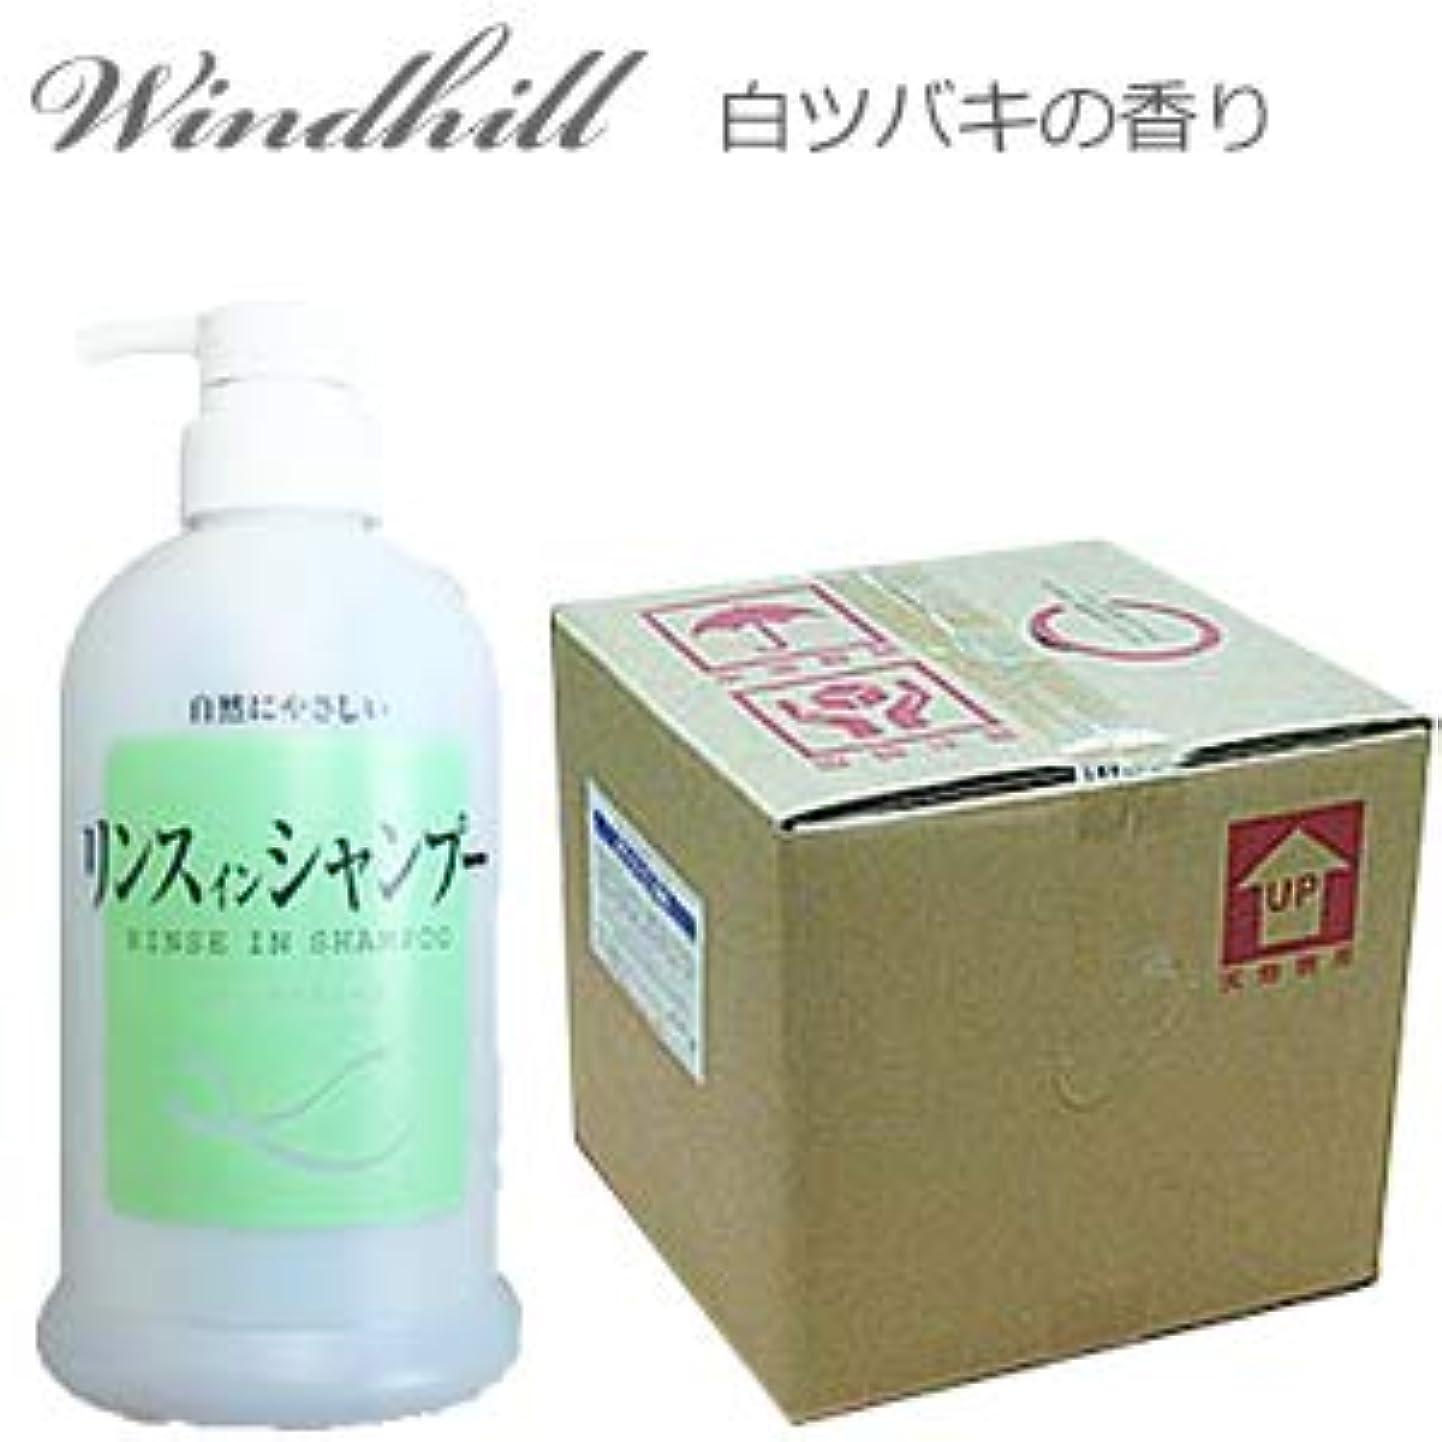 残りスリット訪問なんと! 500ml当り175円 Windhill 植物性 業務用 リンスインシャンプー 白椿の香り